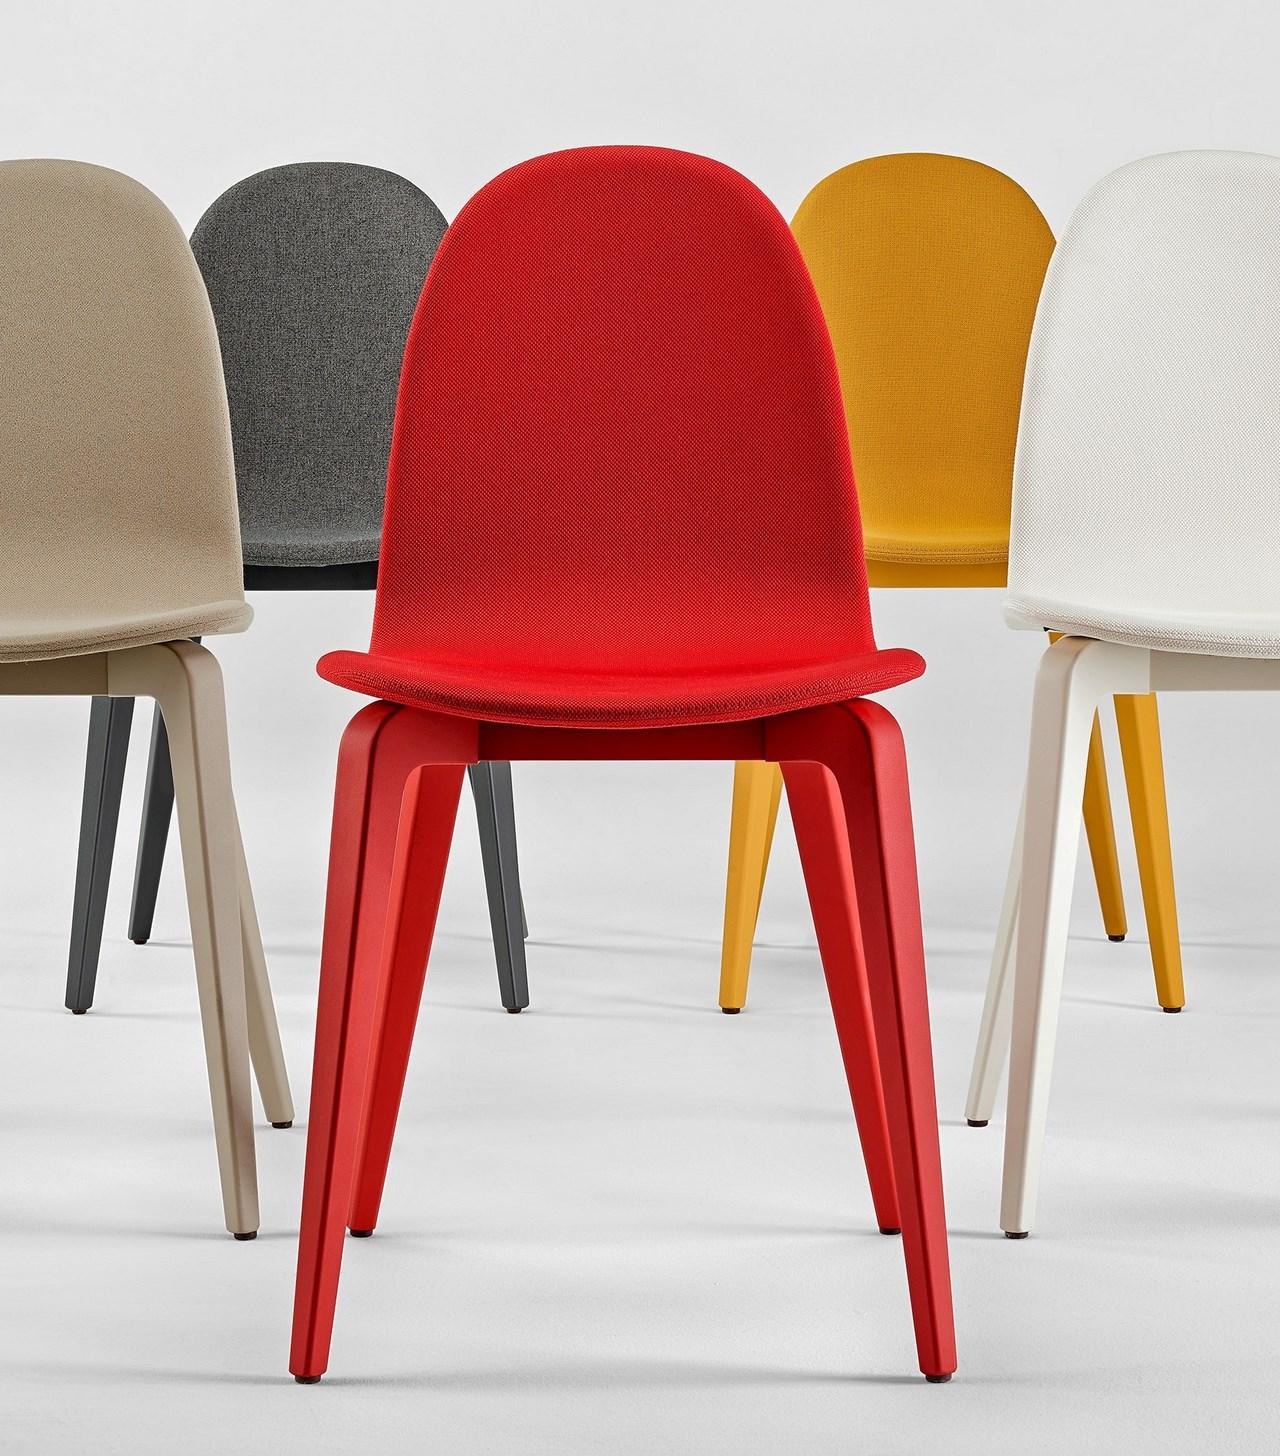 seanroyale c est aussi des chaises et des fauteuils en tissu blog de seanroyale. Black Bedroom Furniture Sets. Home Design Ideas